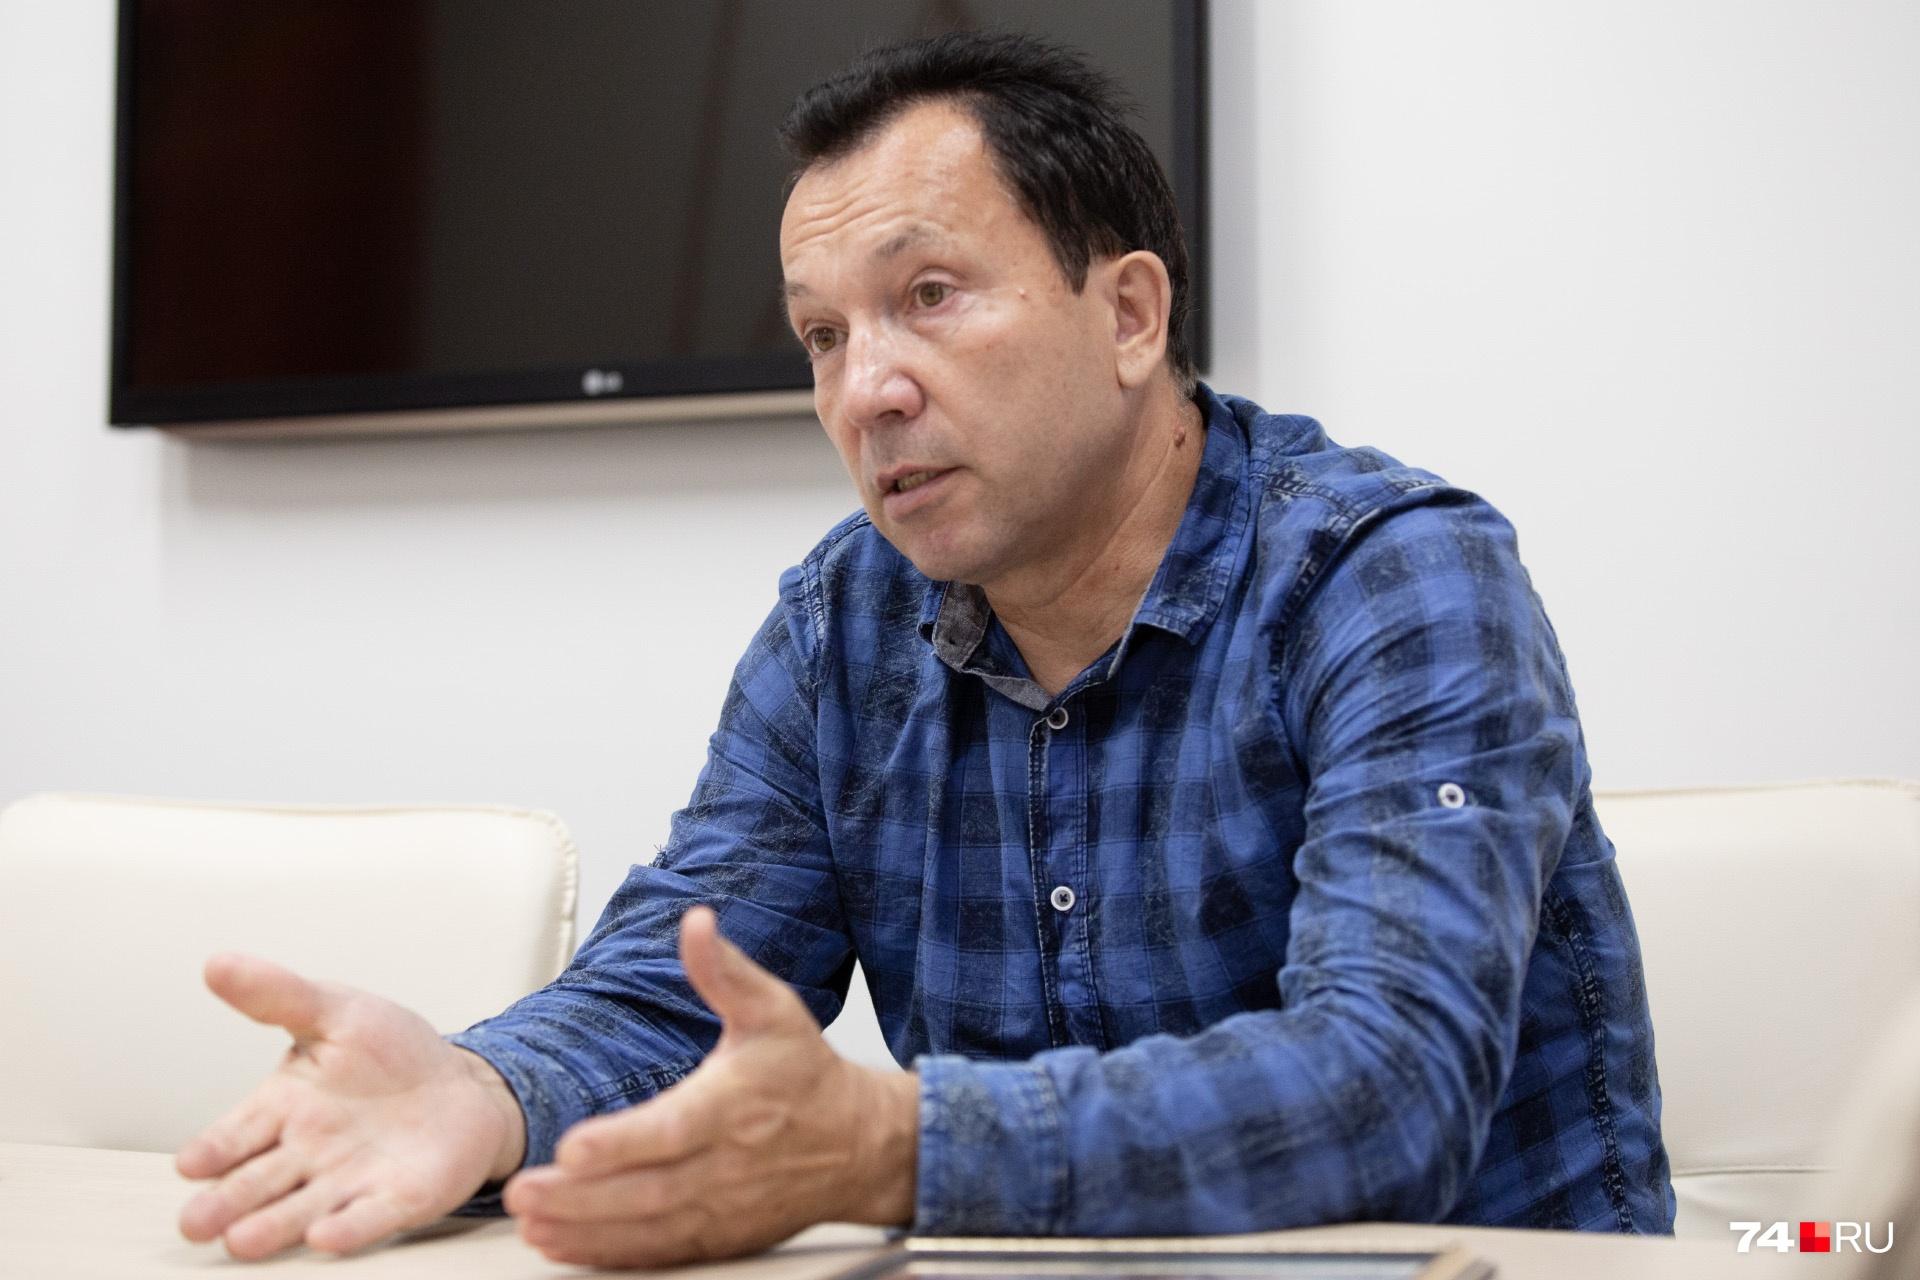 Сейчас Александр Трофимов надеется, что вина задержанных будет доказана